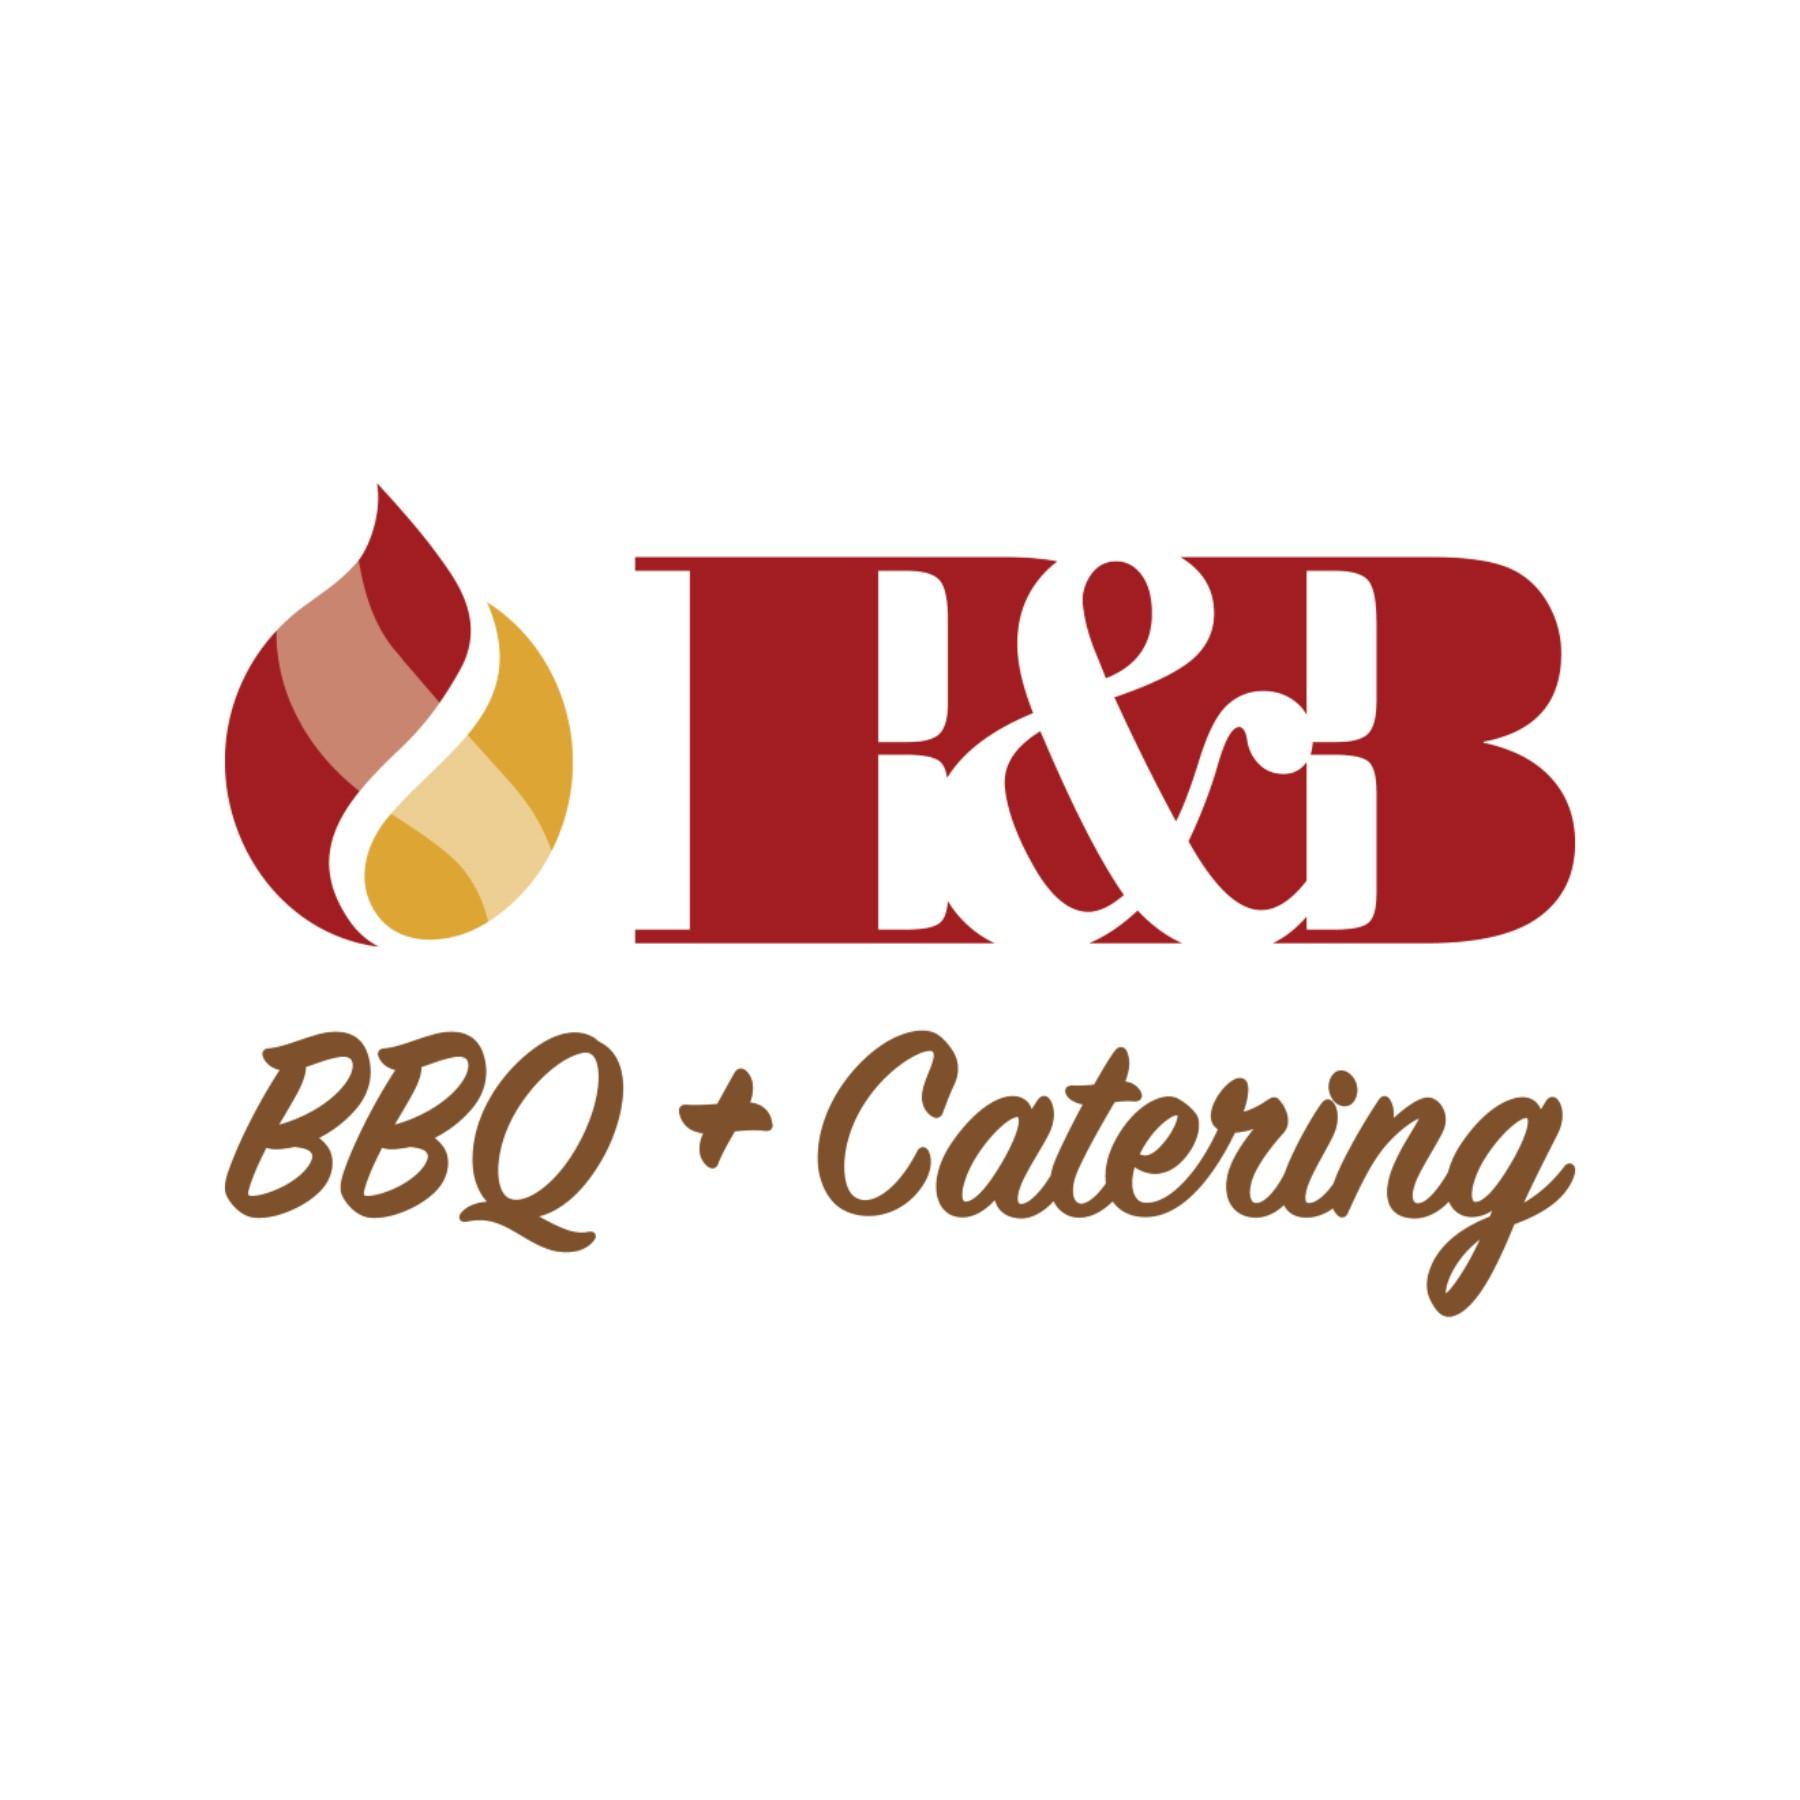 B&B BBQ + Catering.jpg